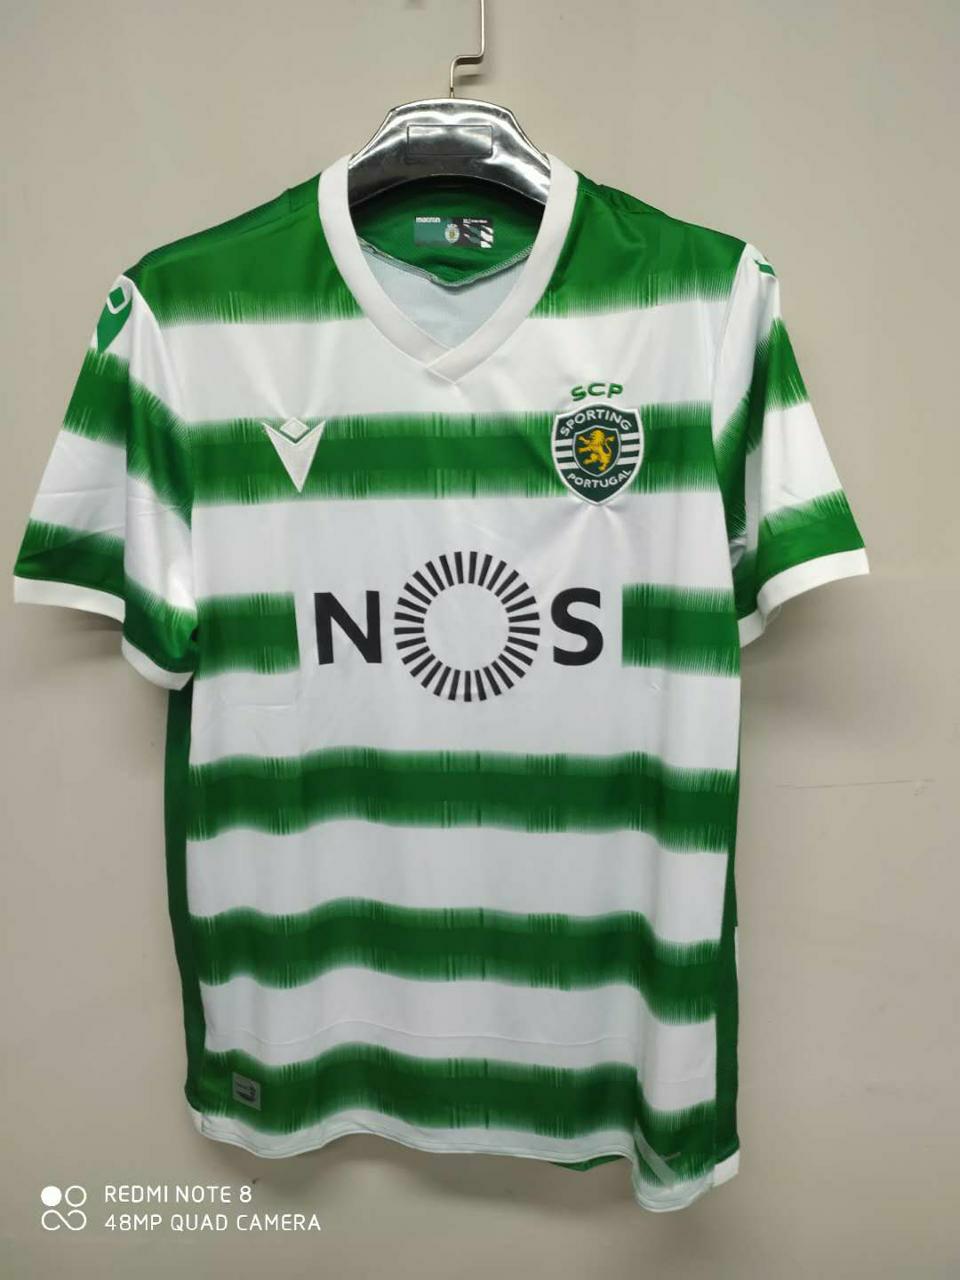 Jual Jersey Sporting Lisbon Home Musim 2020/2021